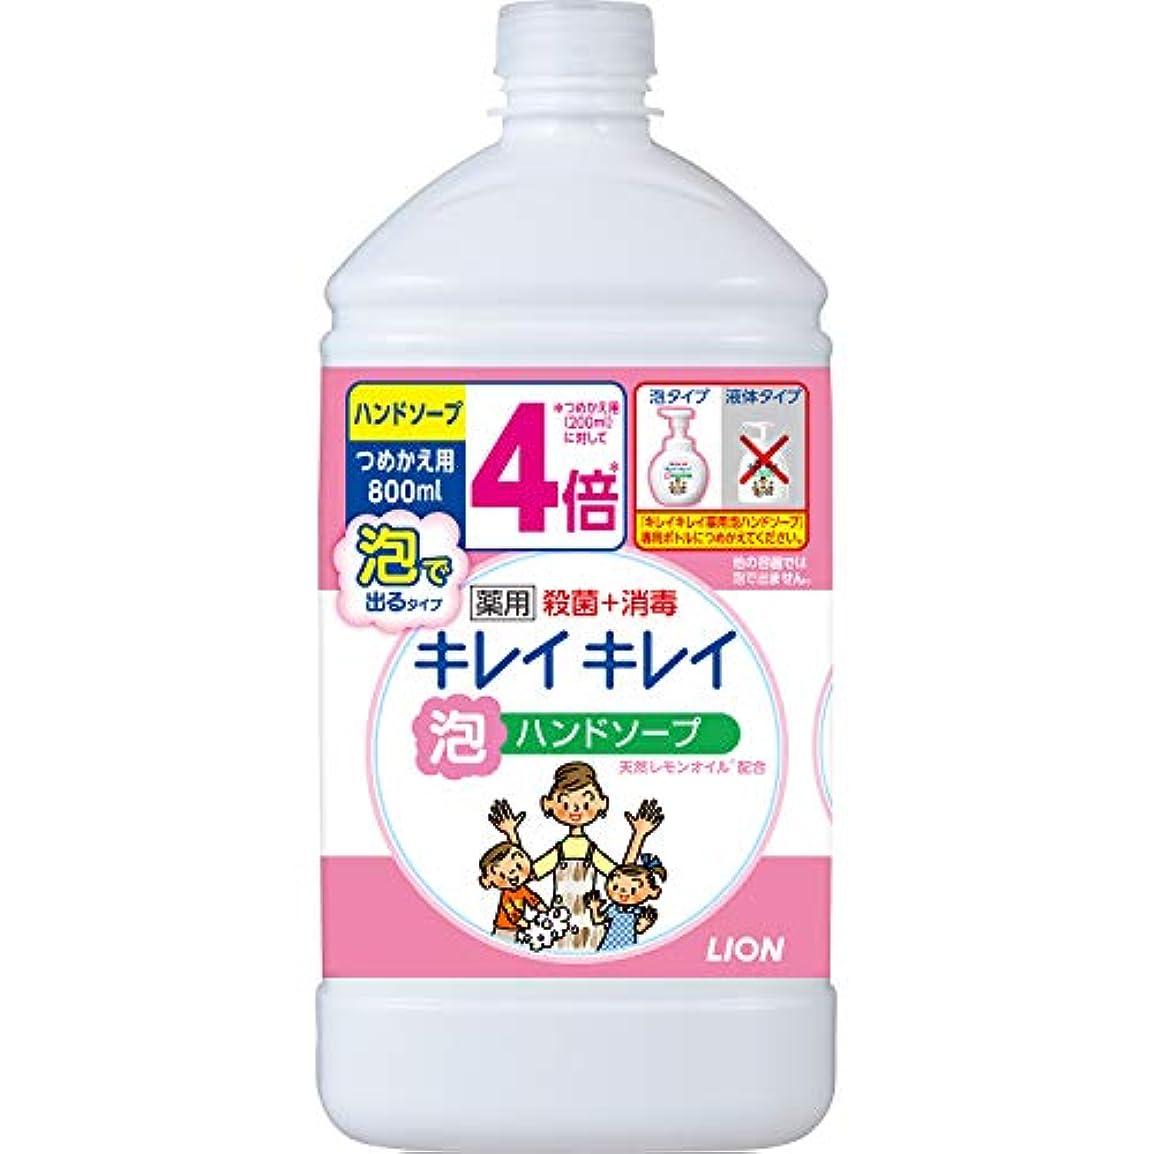 影一方、ベンチャー(医薬部外品)【大容量】キレイキレイ 薬用 泡ハンドソープ シトラスフルーティの香り 詰替特大 800ml